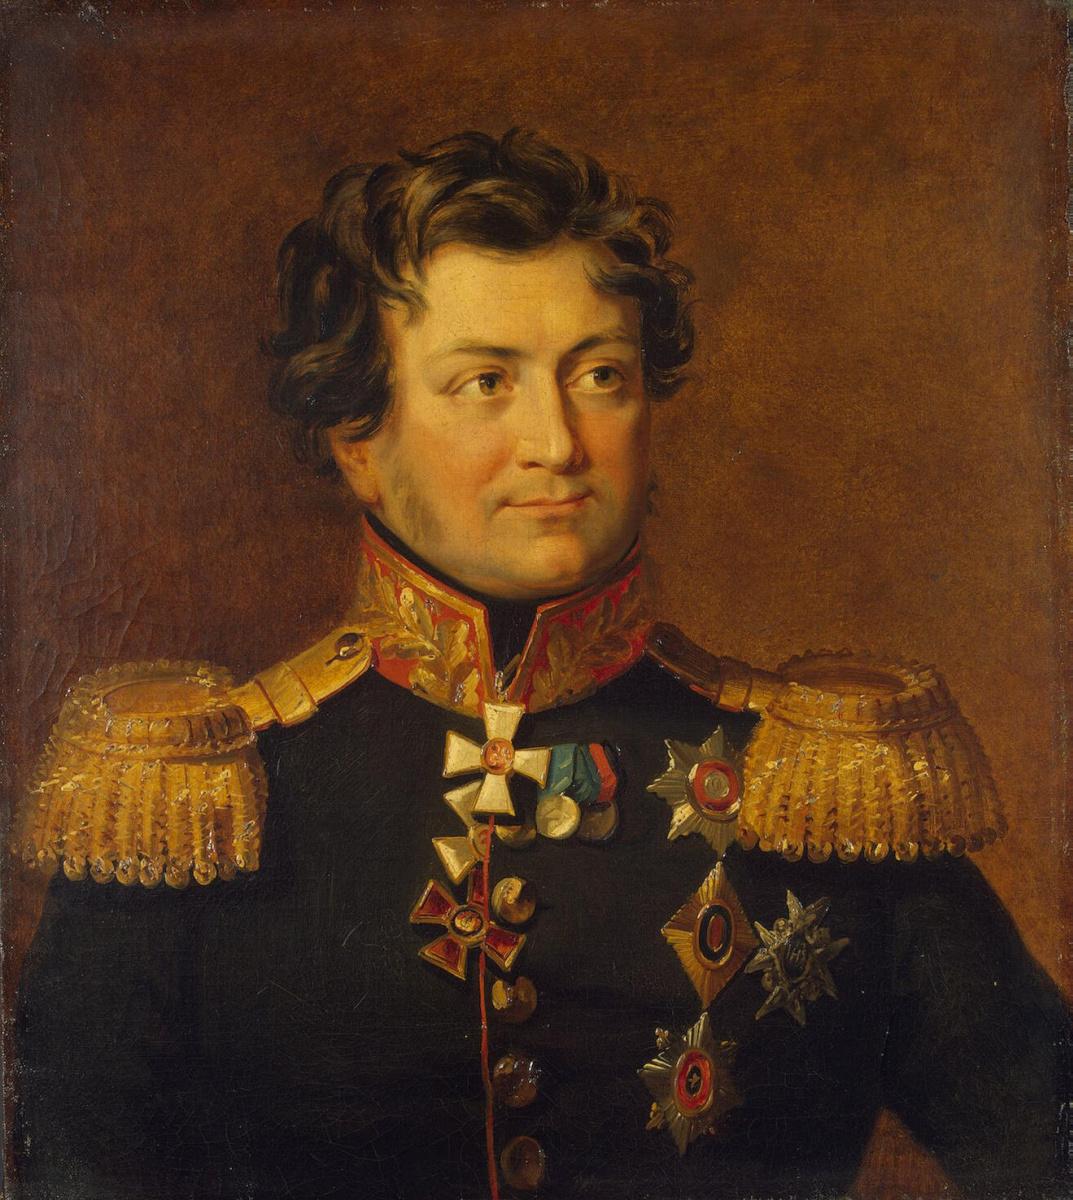 Джордж Доу. Портрет Александра Яковлевича Рудзевича